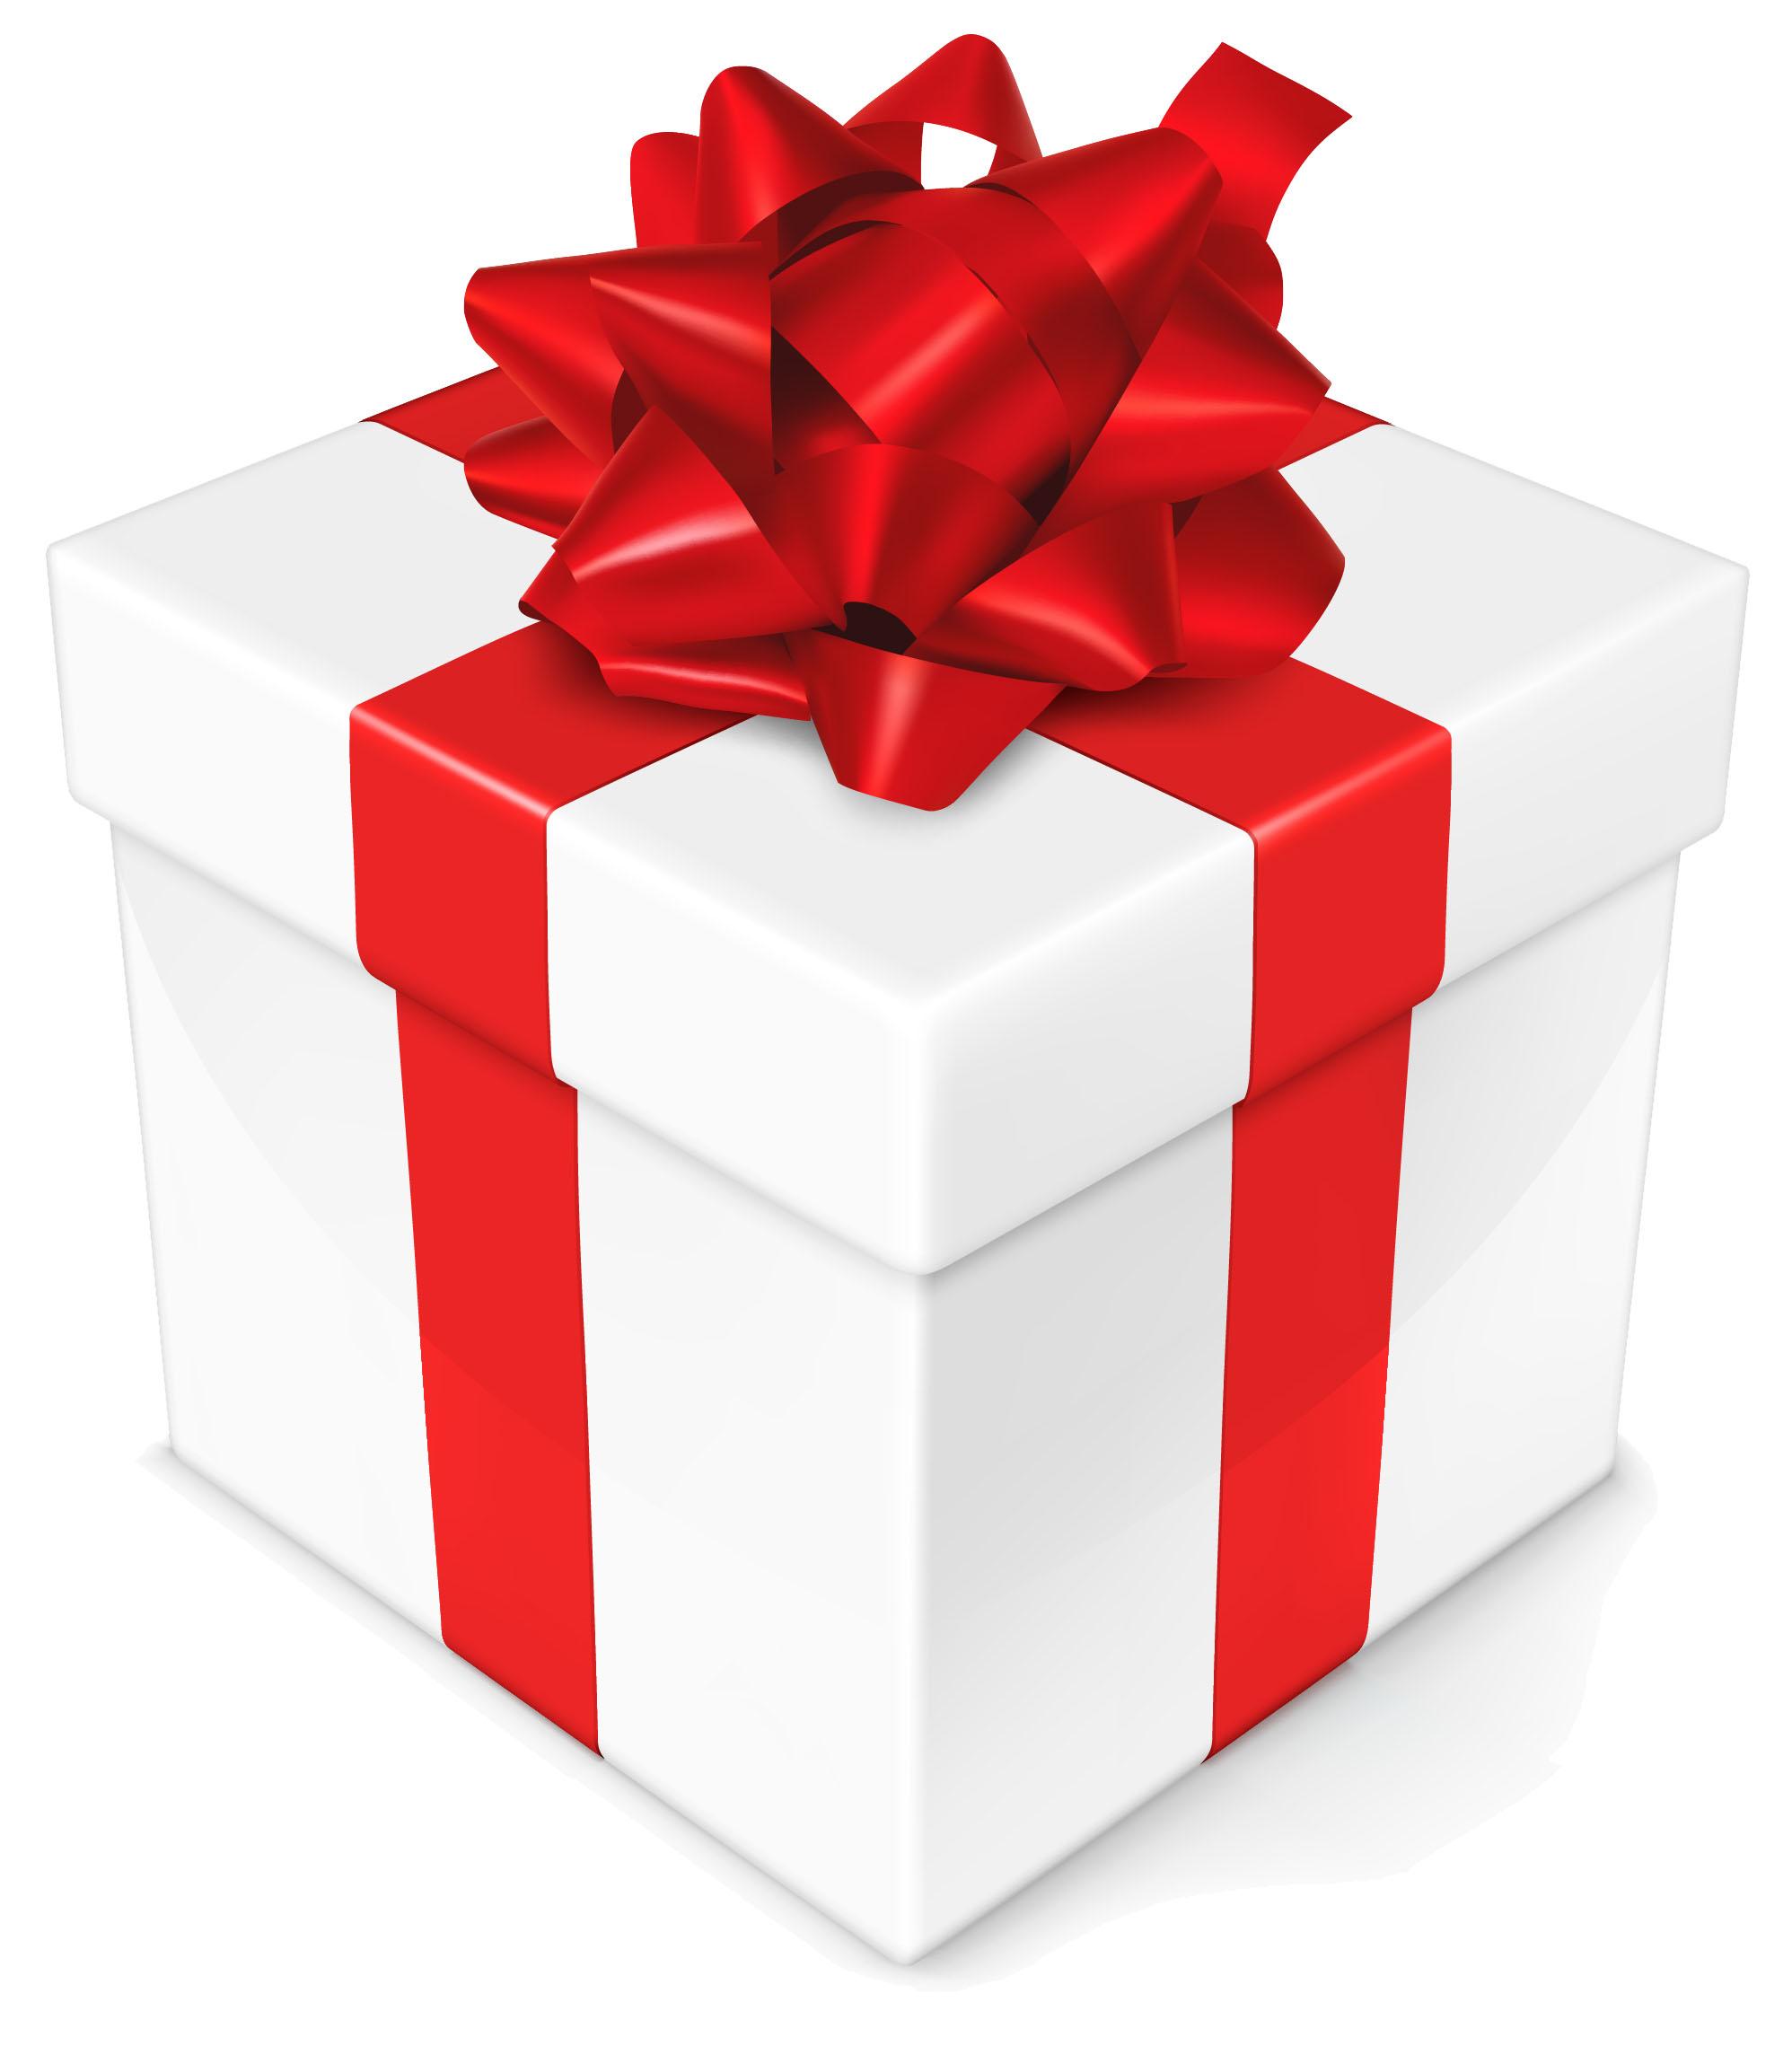 Schita de predica: De ce este Isus cadoul cel mai valoros? (Isaia 9:1-7)